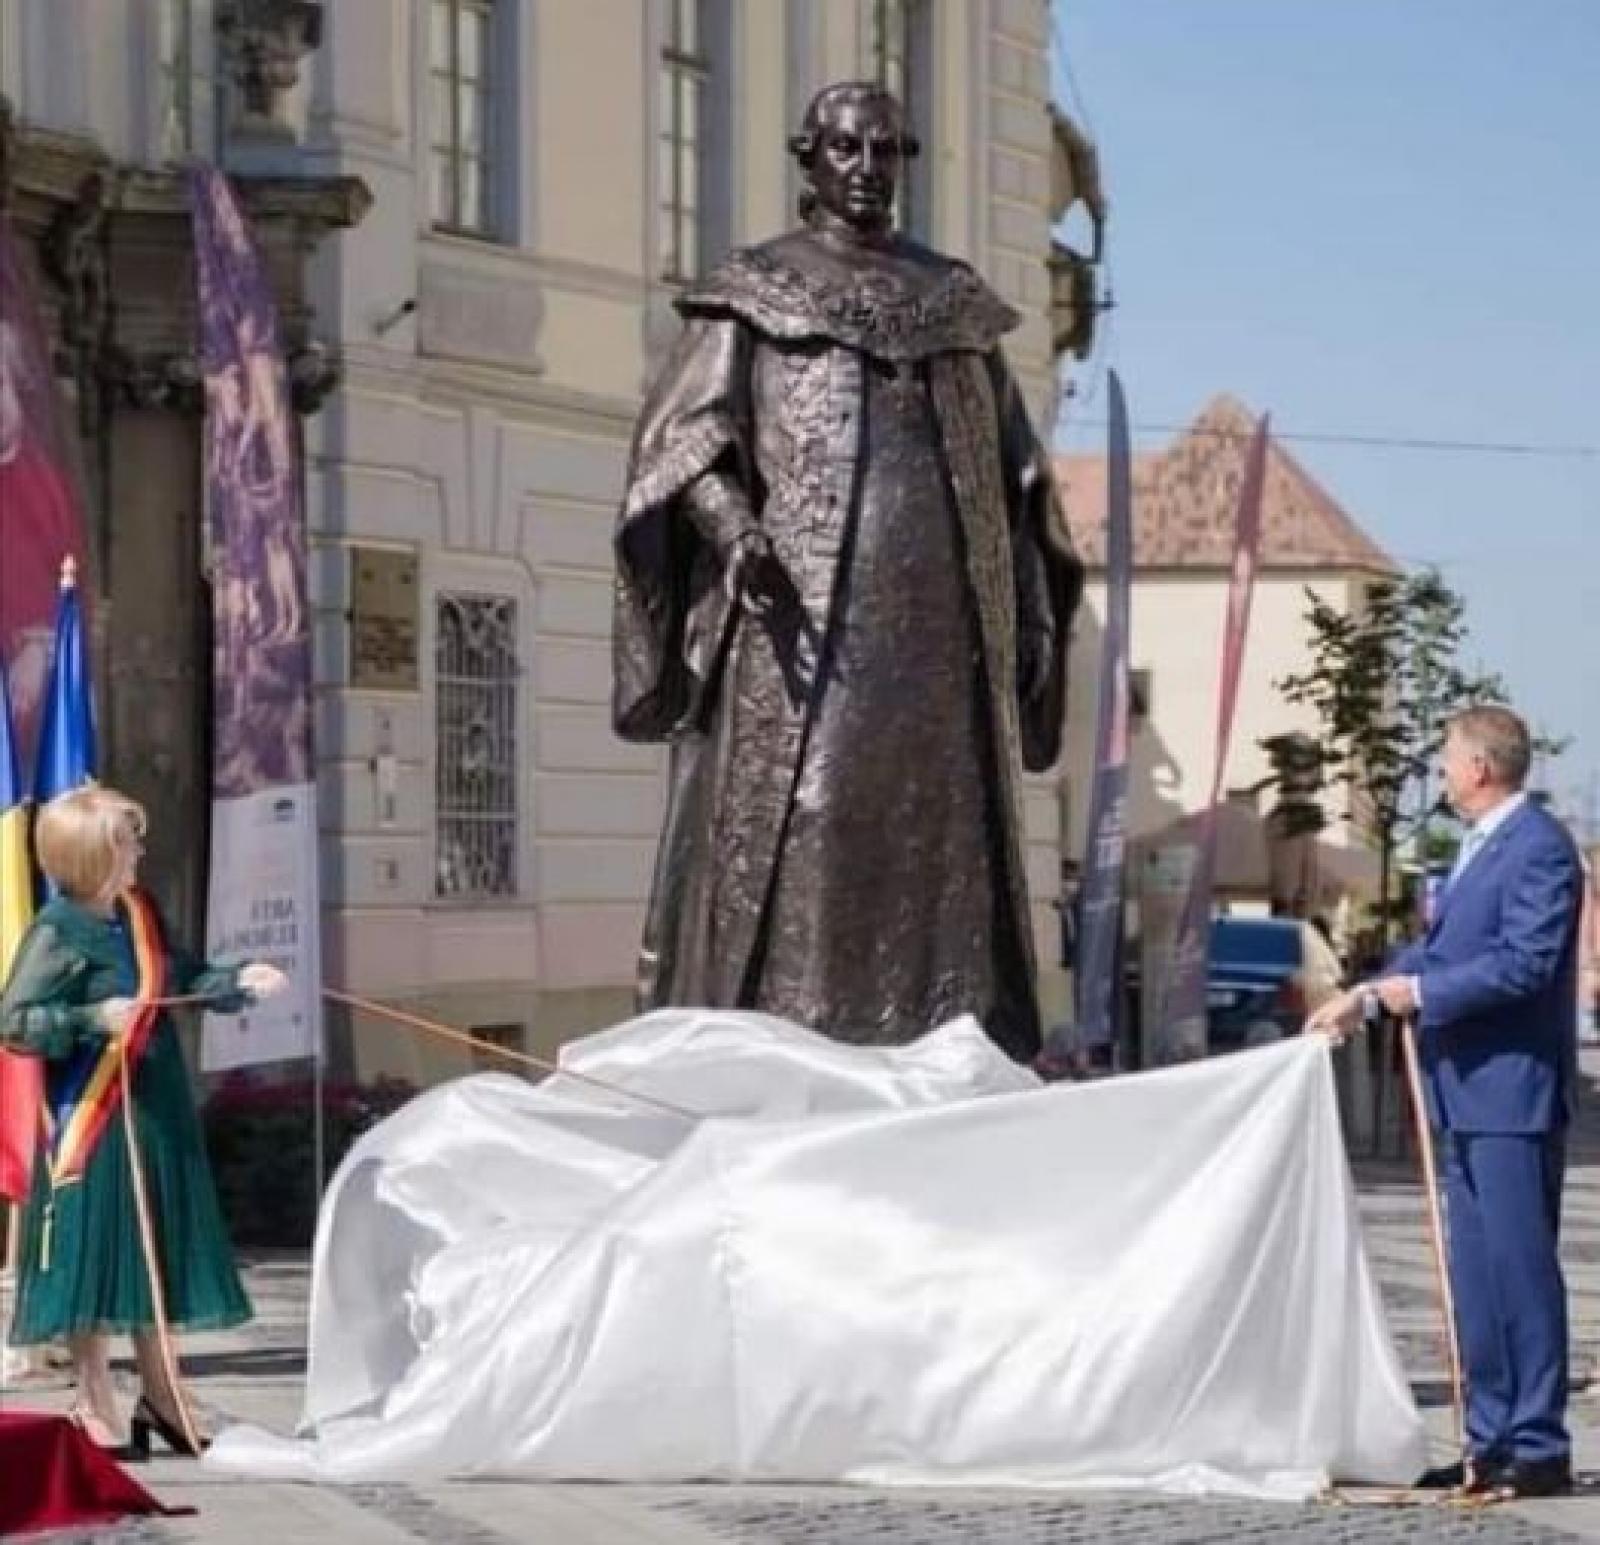 VALENTIN ROMAN: UCIGAȘUL DE ROMÂNI, SAMUEL BRUKENTHAL, SUB PATRONAJUL LUI TURCAN ȘI IOHANNIS, ARE STATUIE